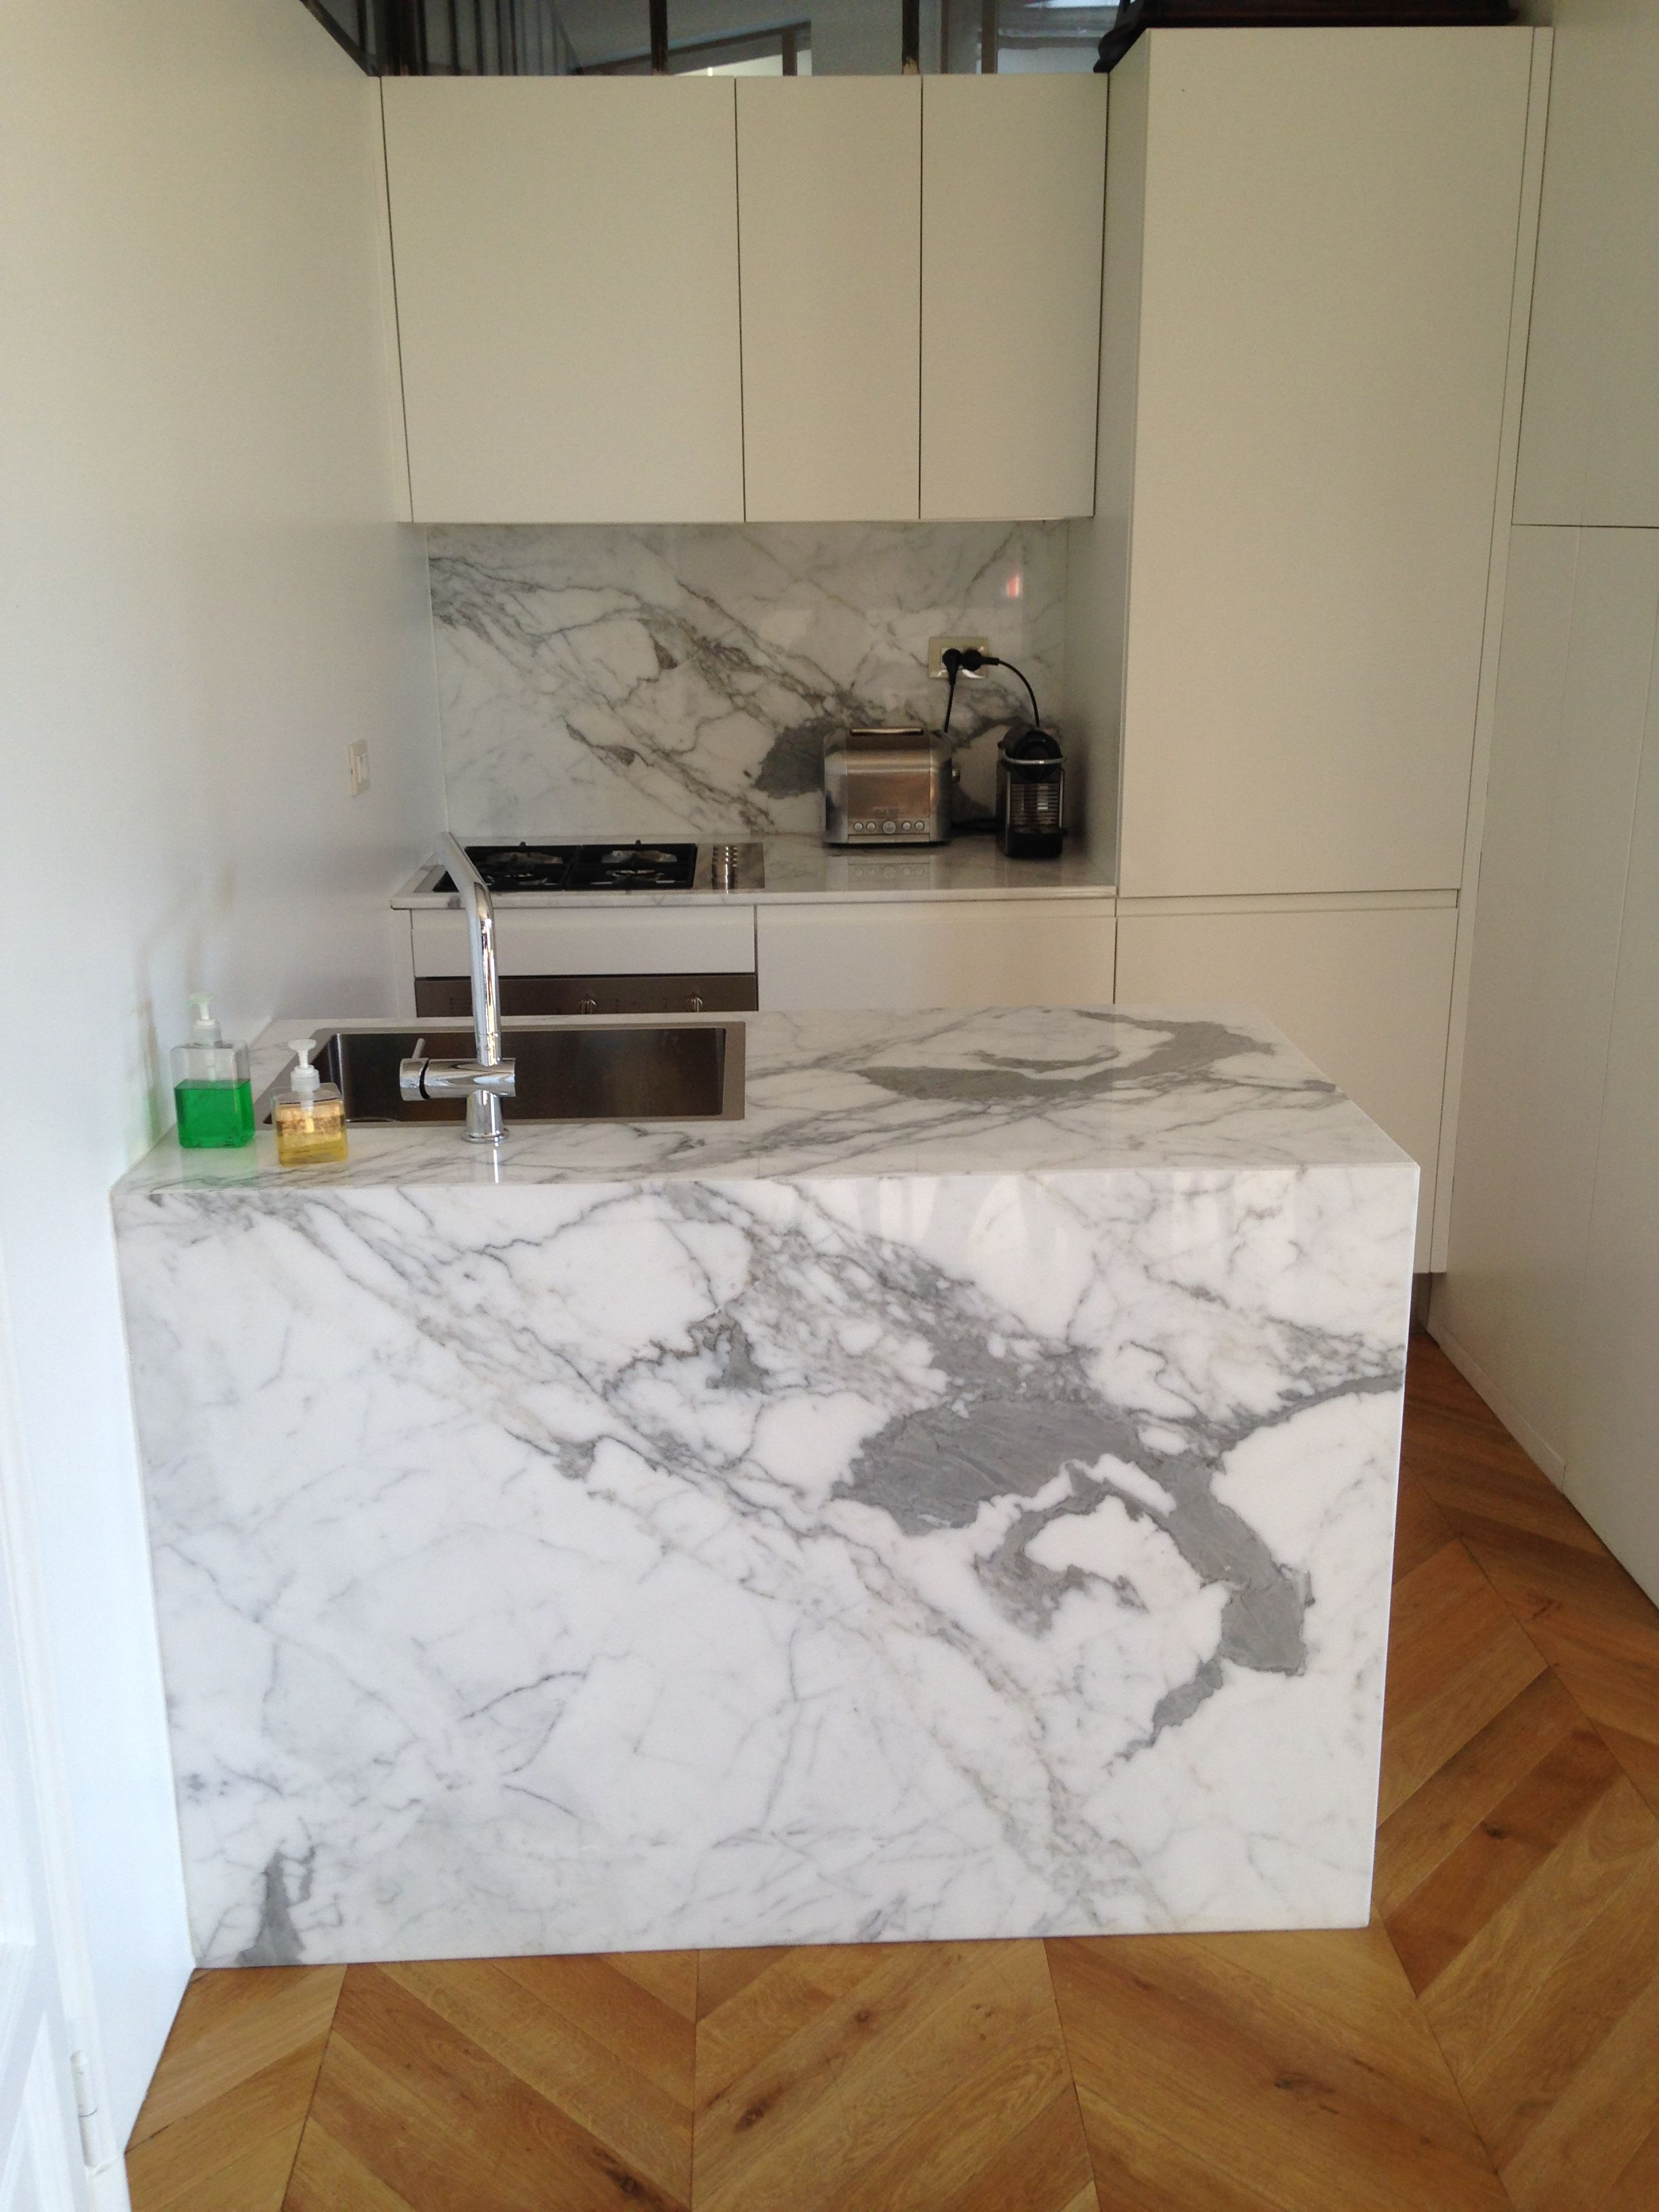 cucina in marmo bianco statuario lucido assemblata per dare vita a un vero e proprio effetto